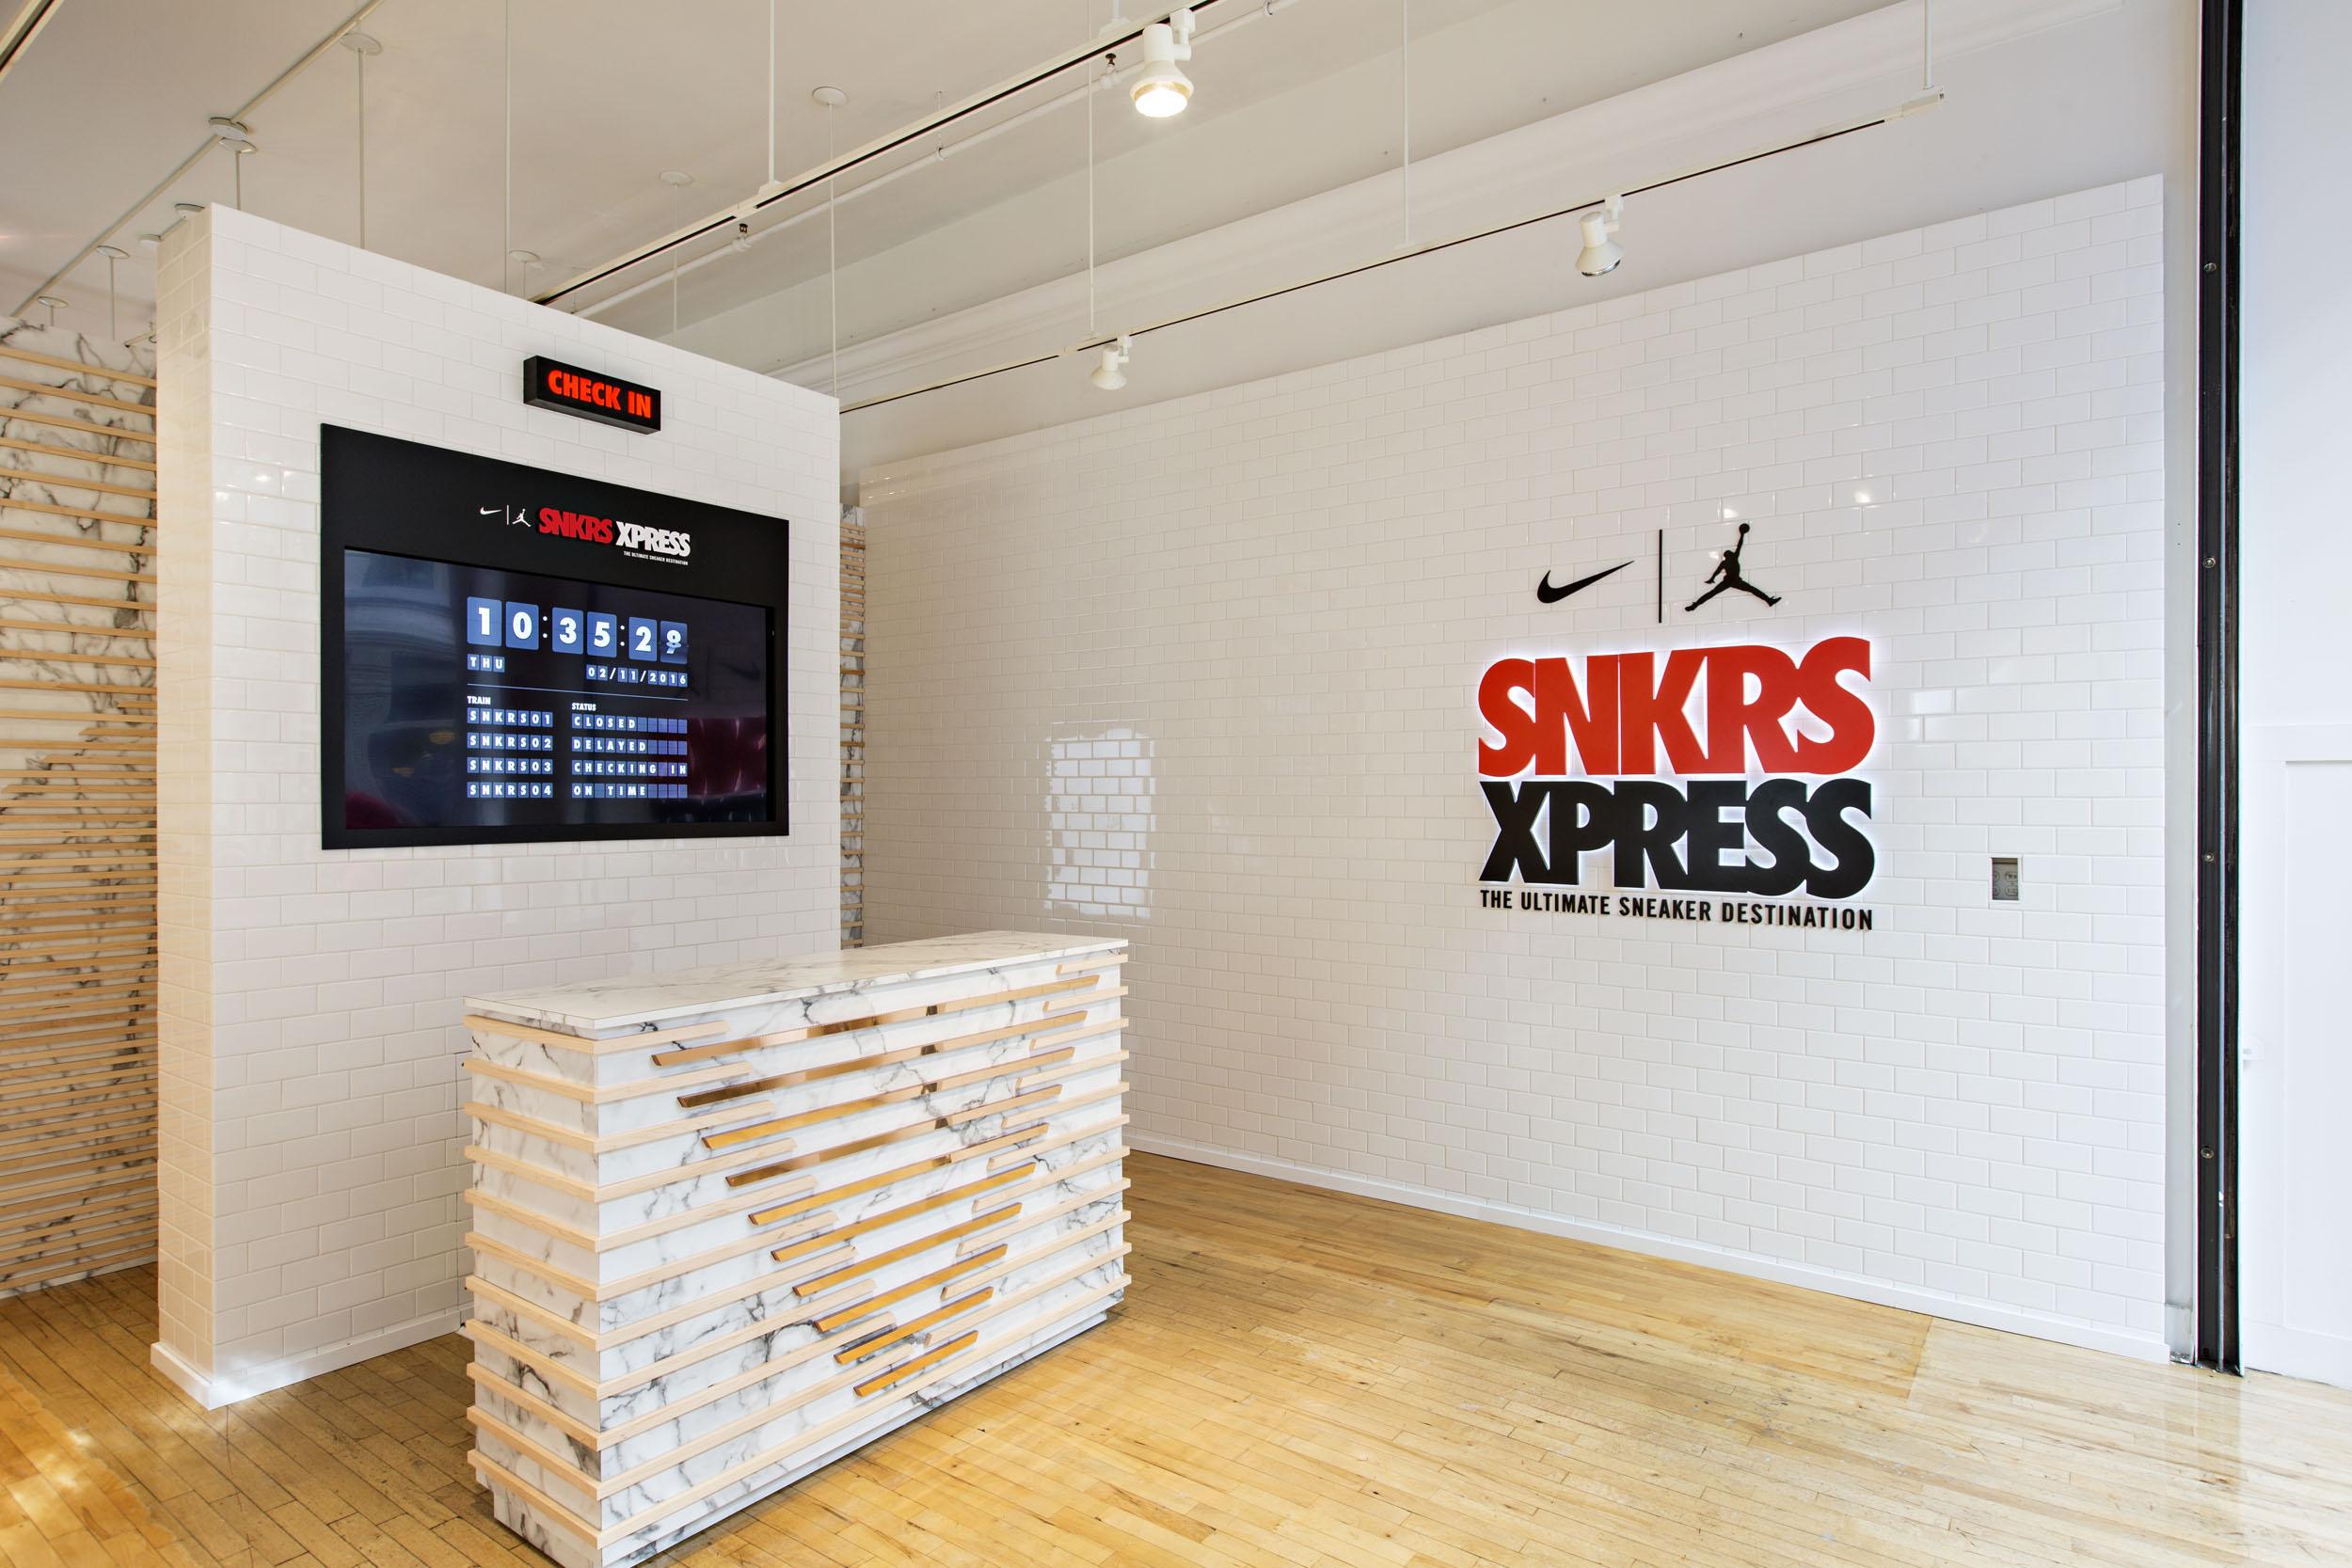 nike-snkrs-xpress-pop-up-nyc-1.jpg